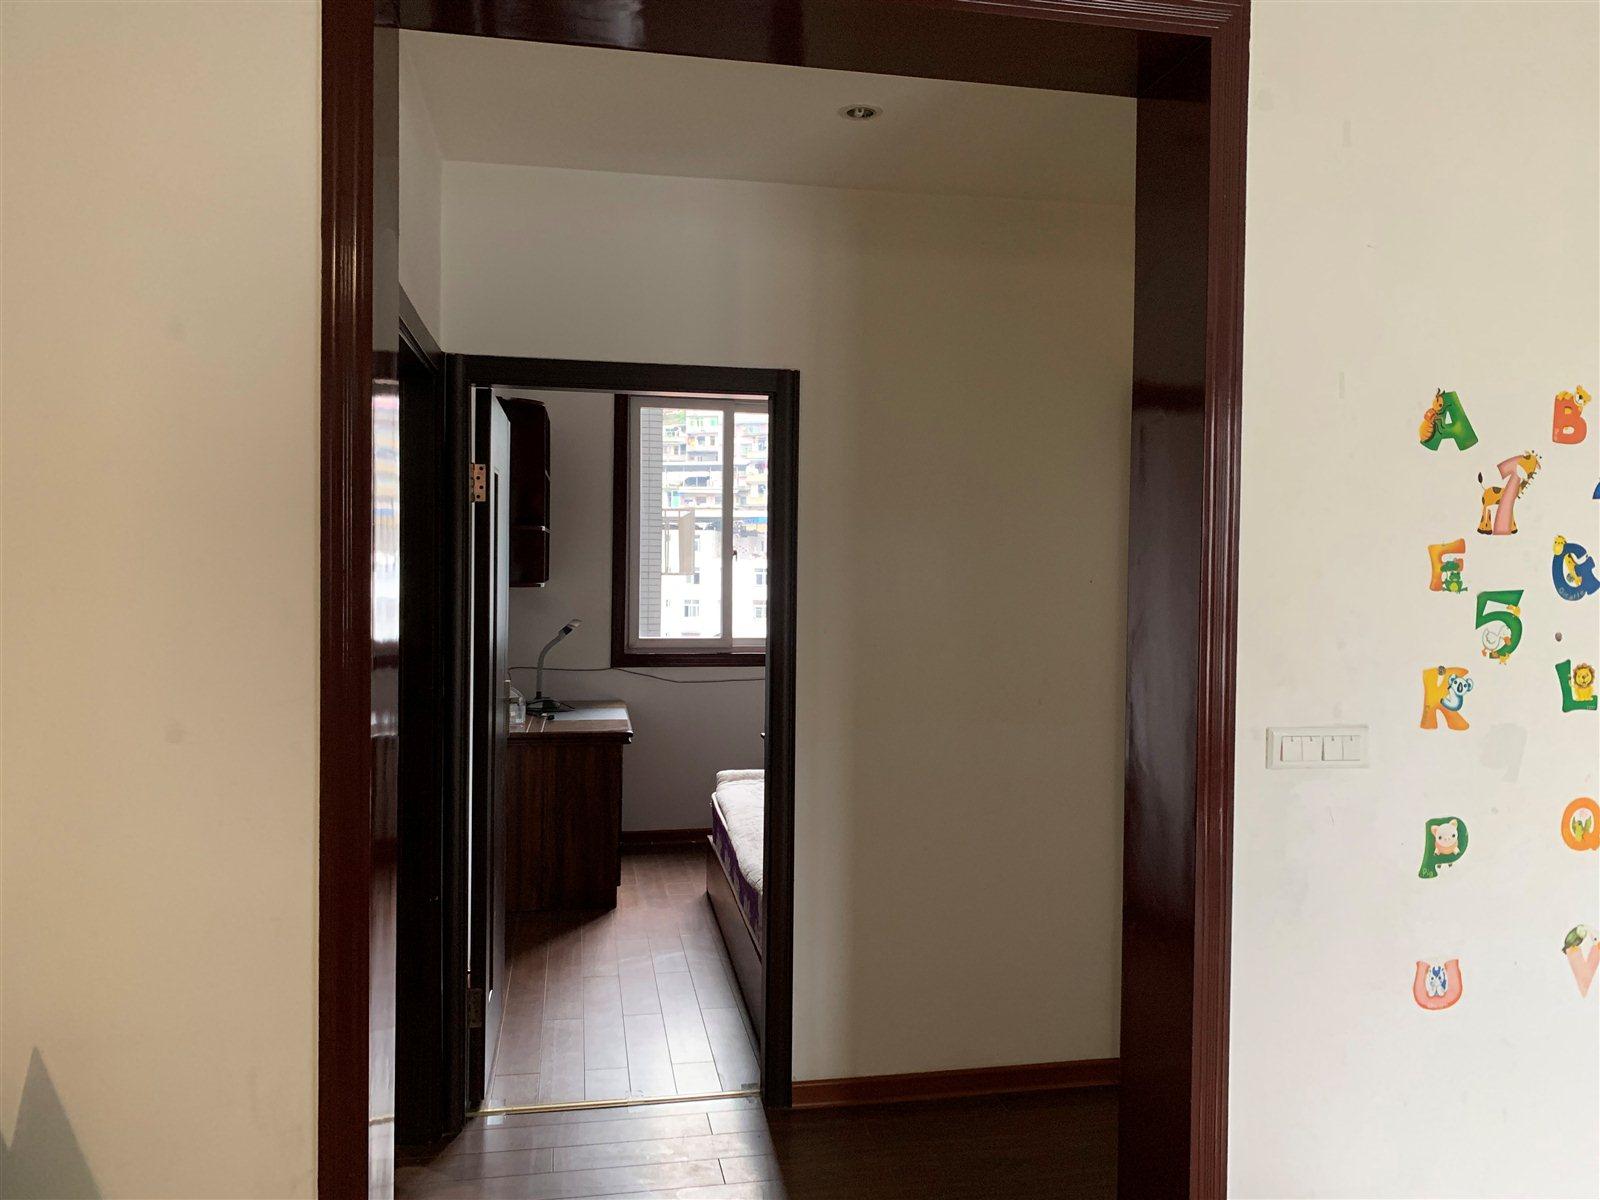 金山广场中装3室 2厅 2卫71.79万元